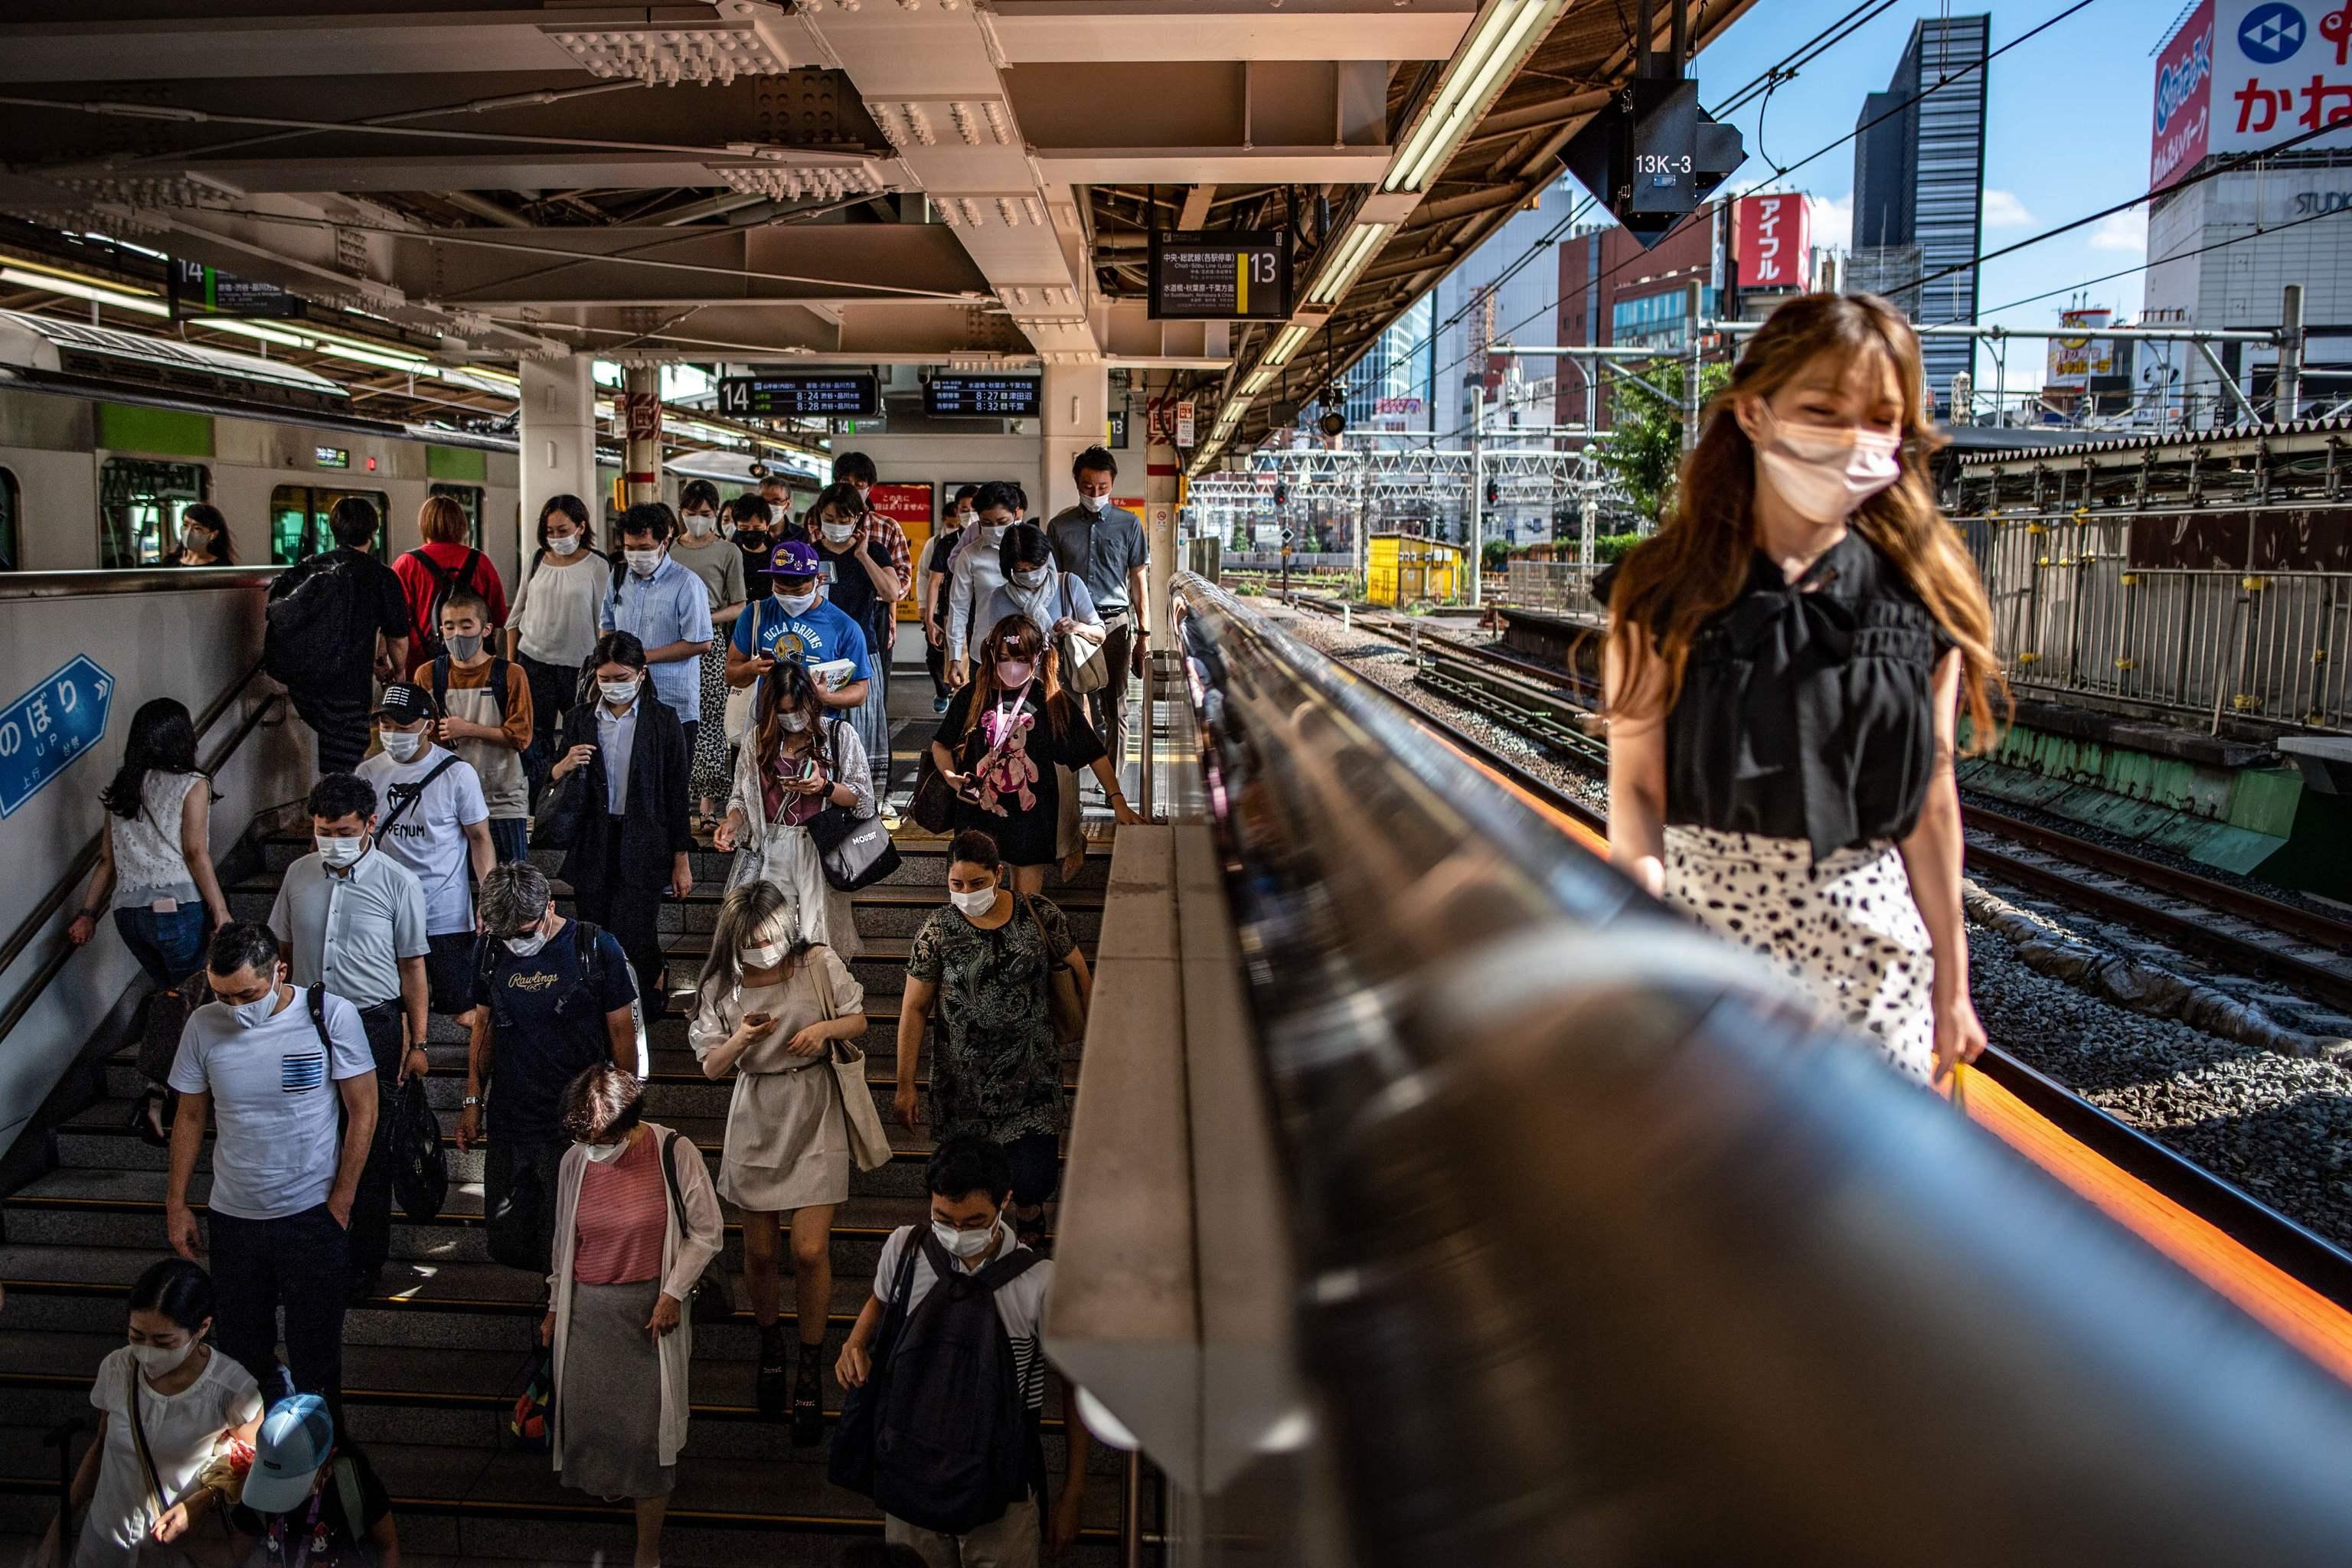 La estación de Shinjuku, en Tokio, horas antes del comienzo de los Juegos.